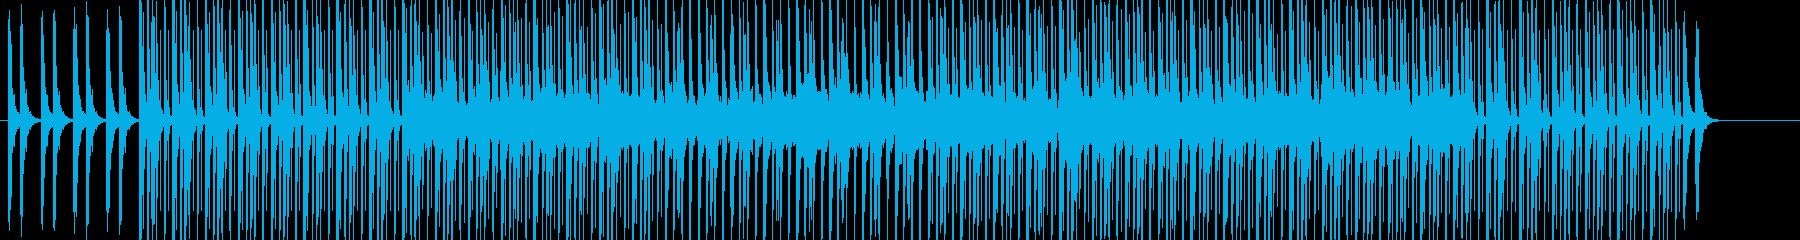 シンプルな4つ打ちエレクトロ・テクノの再生済みの波形